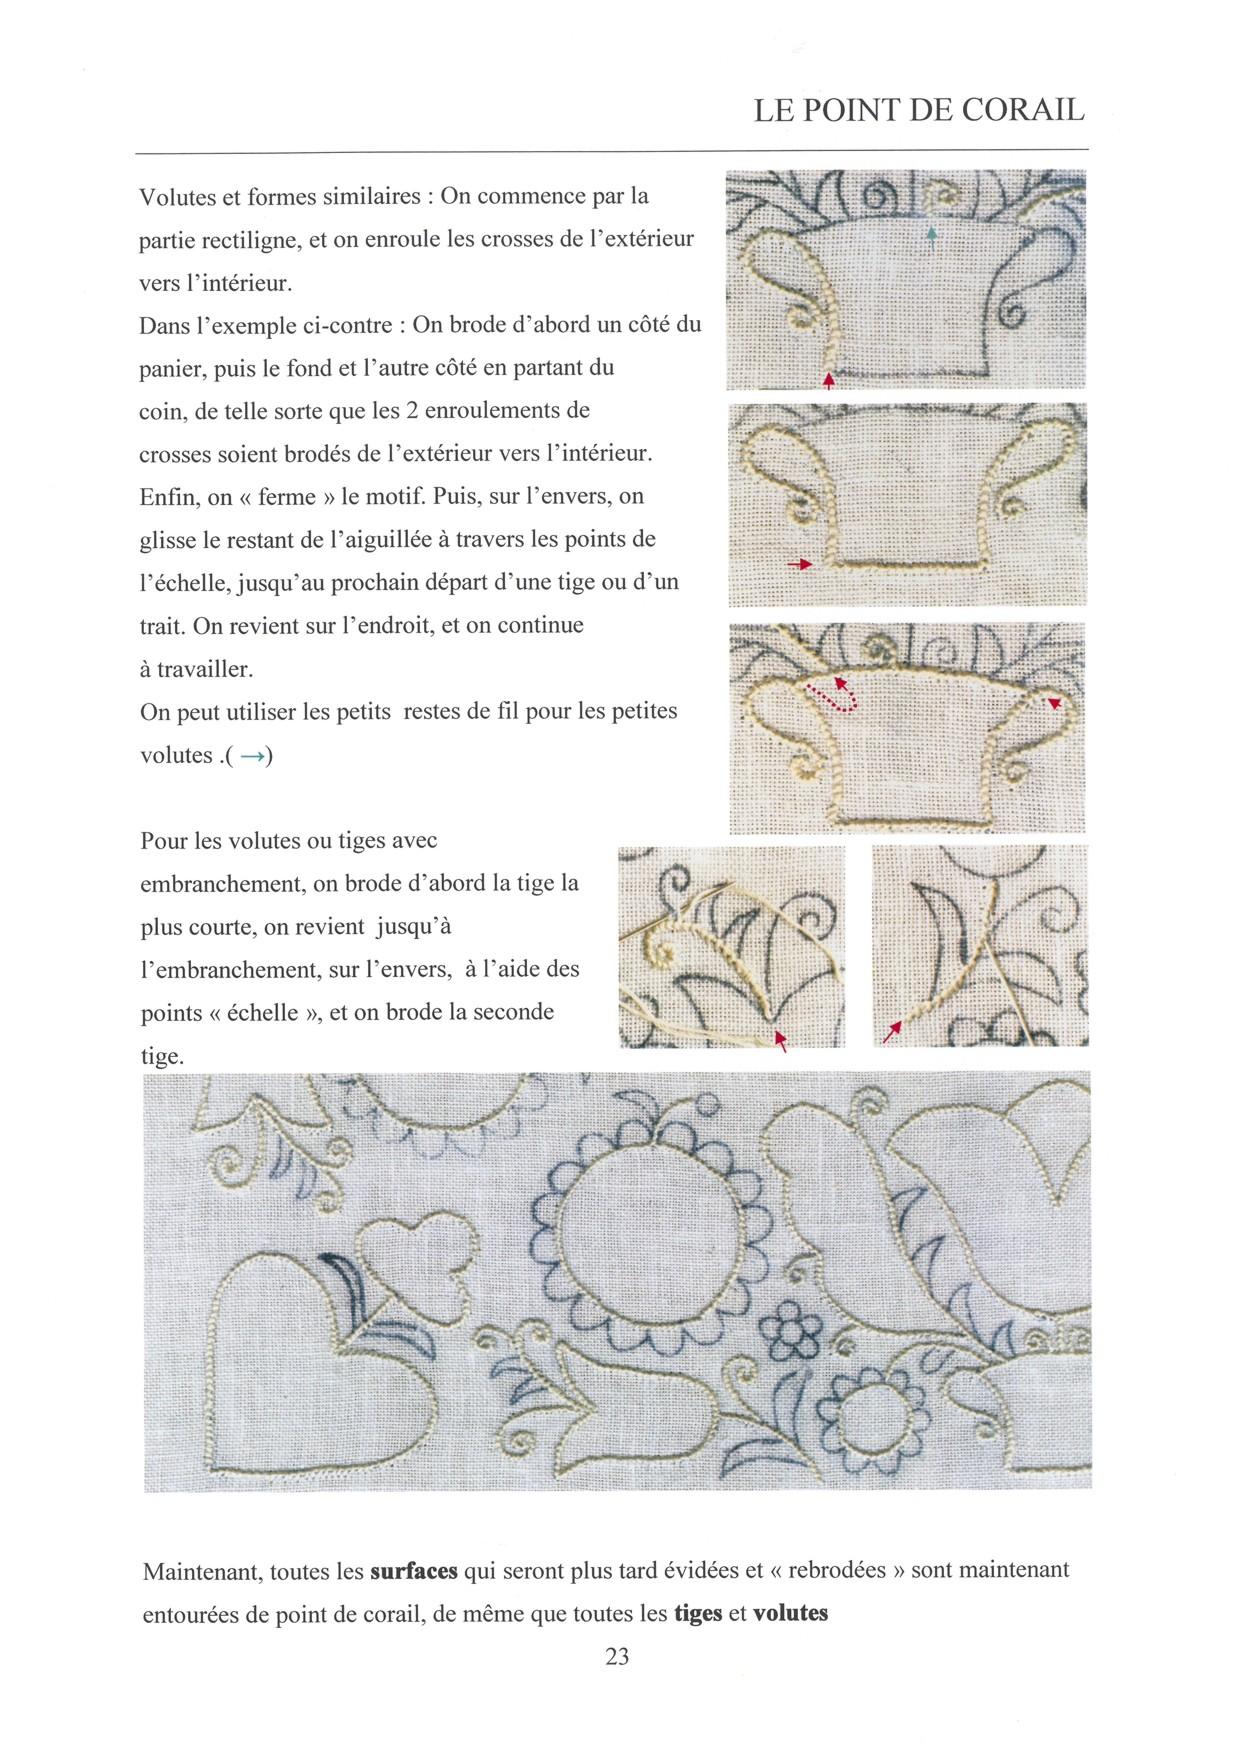 LES BASES DE LA BRODERIE DE SCHWALM - for left-handed 3 / 8